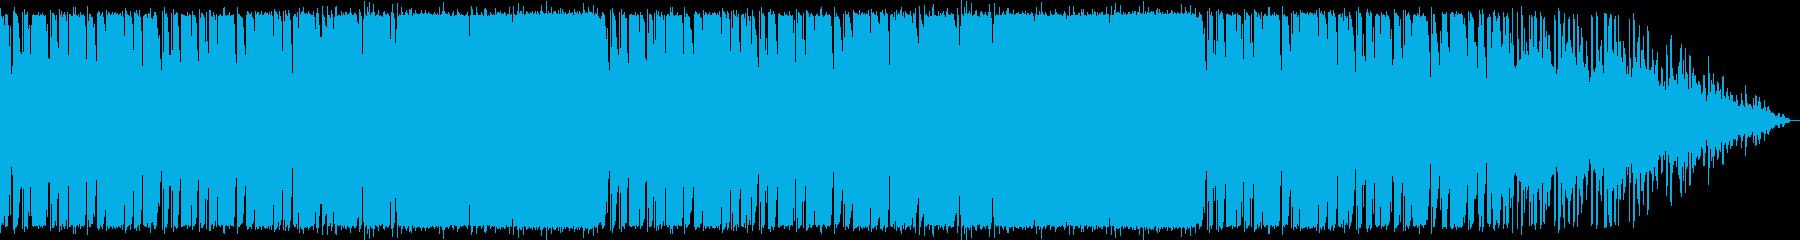 怪しい雰囲気、不気味な様子のエレクトロの再生済みの波形